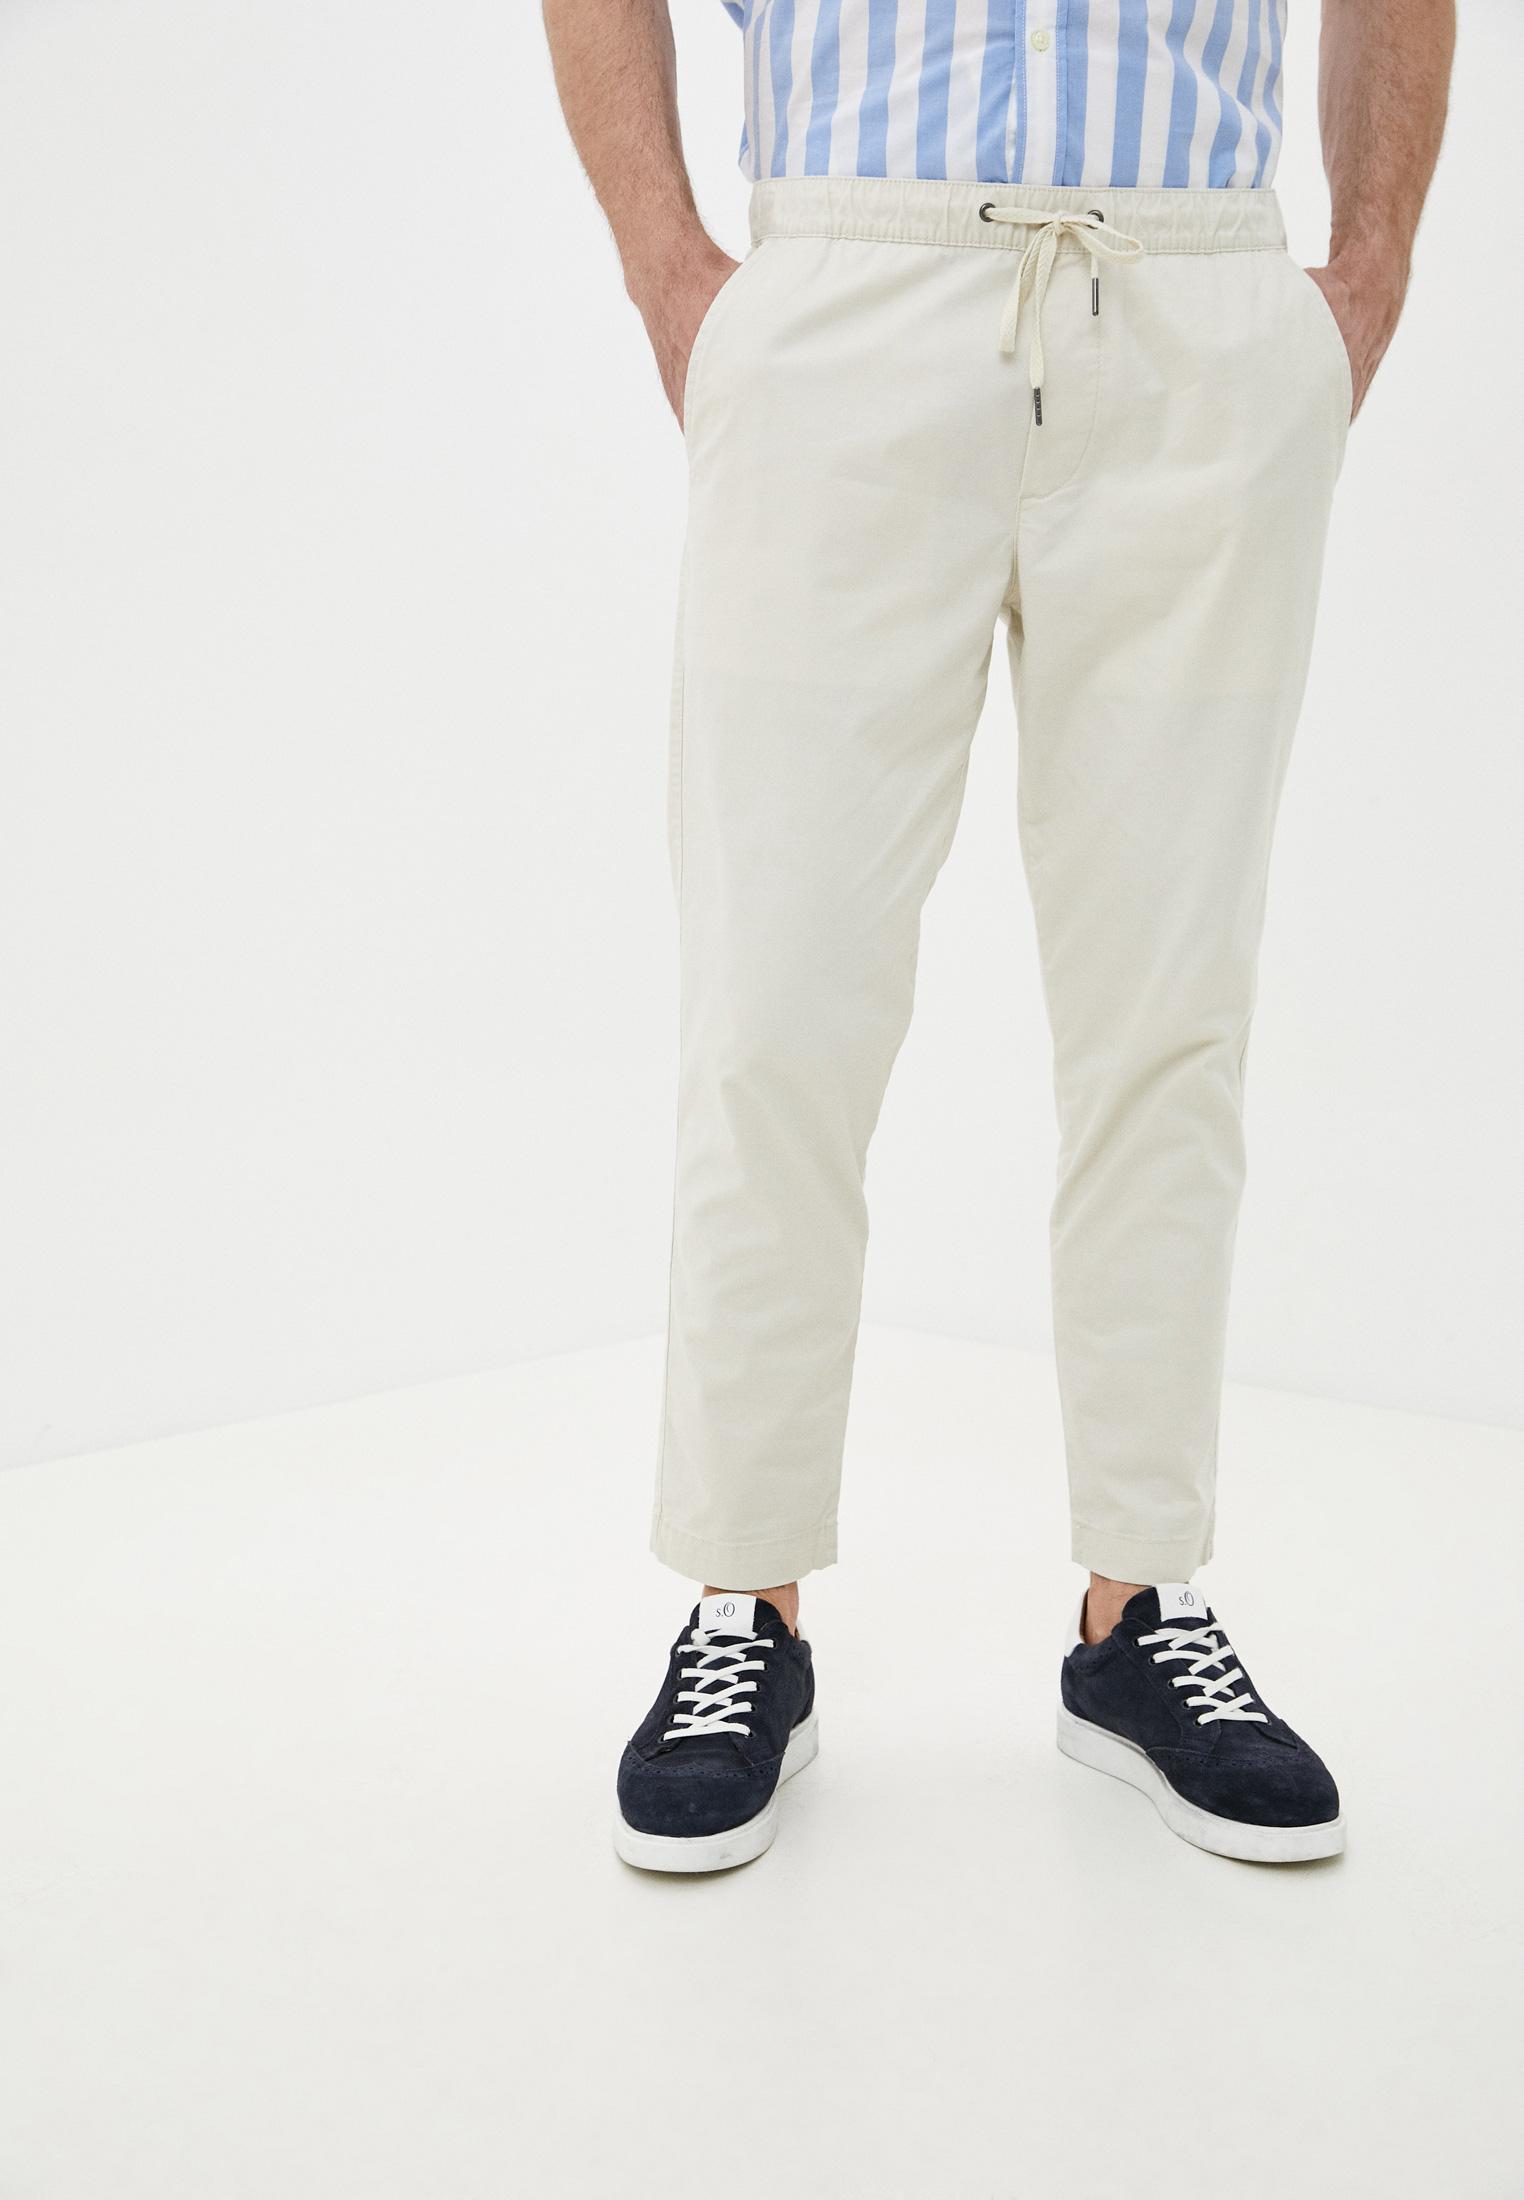 Мужские повседневные брюки Gap 626273